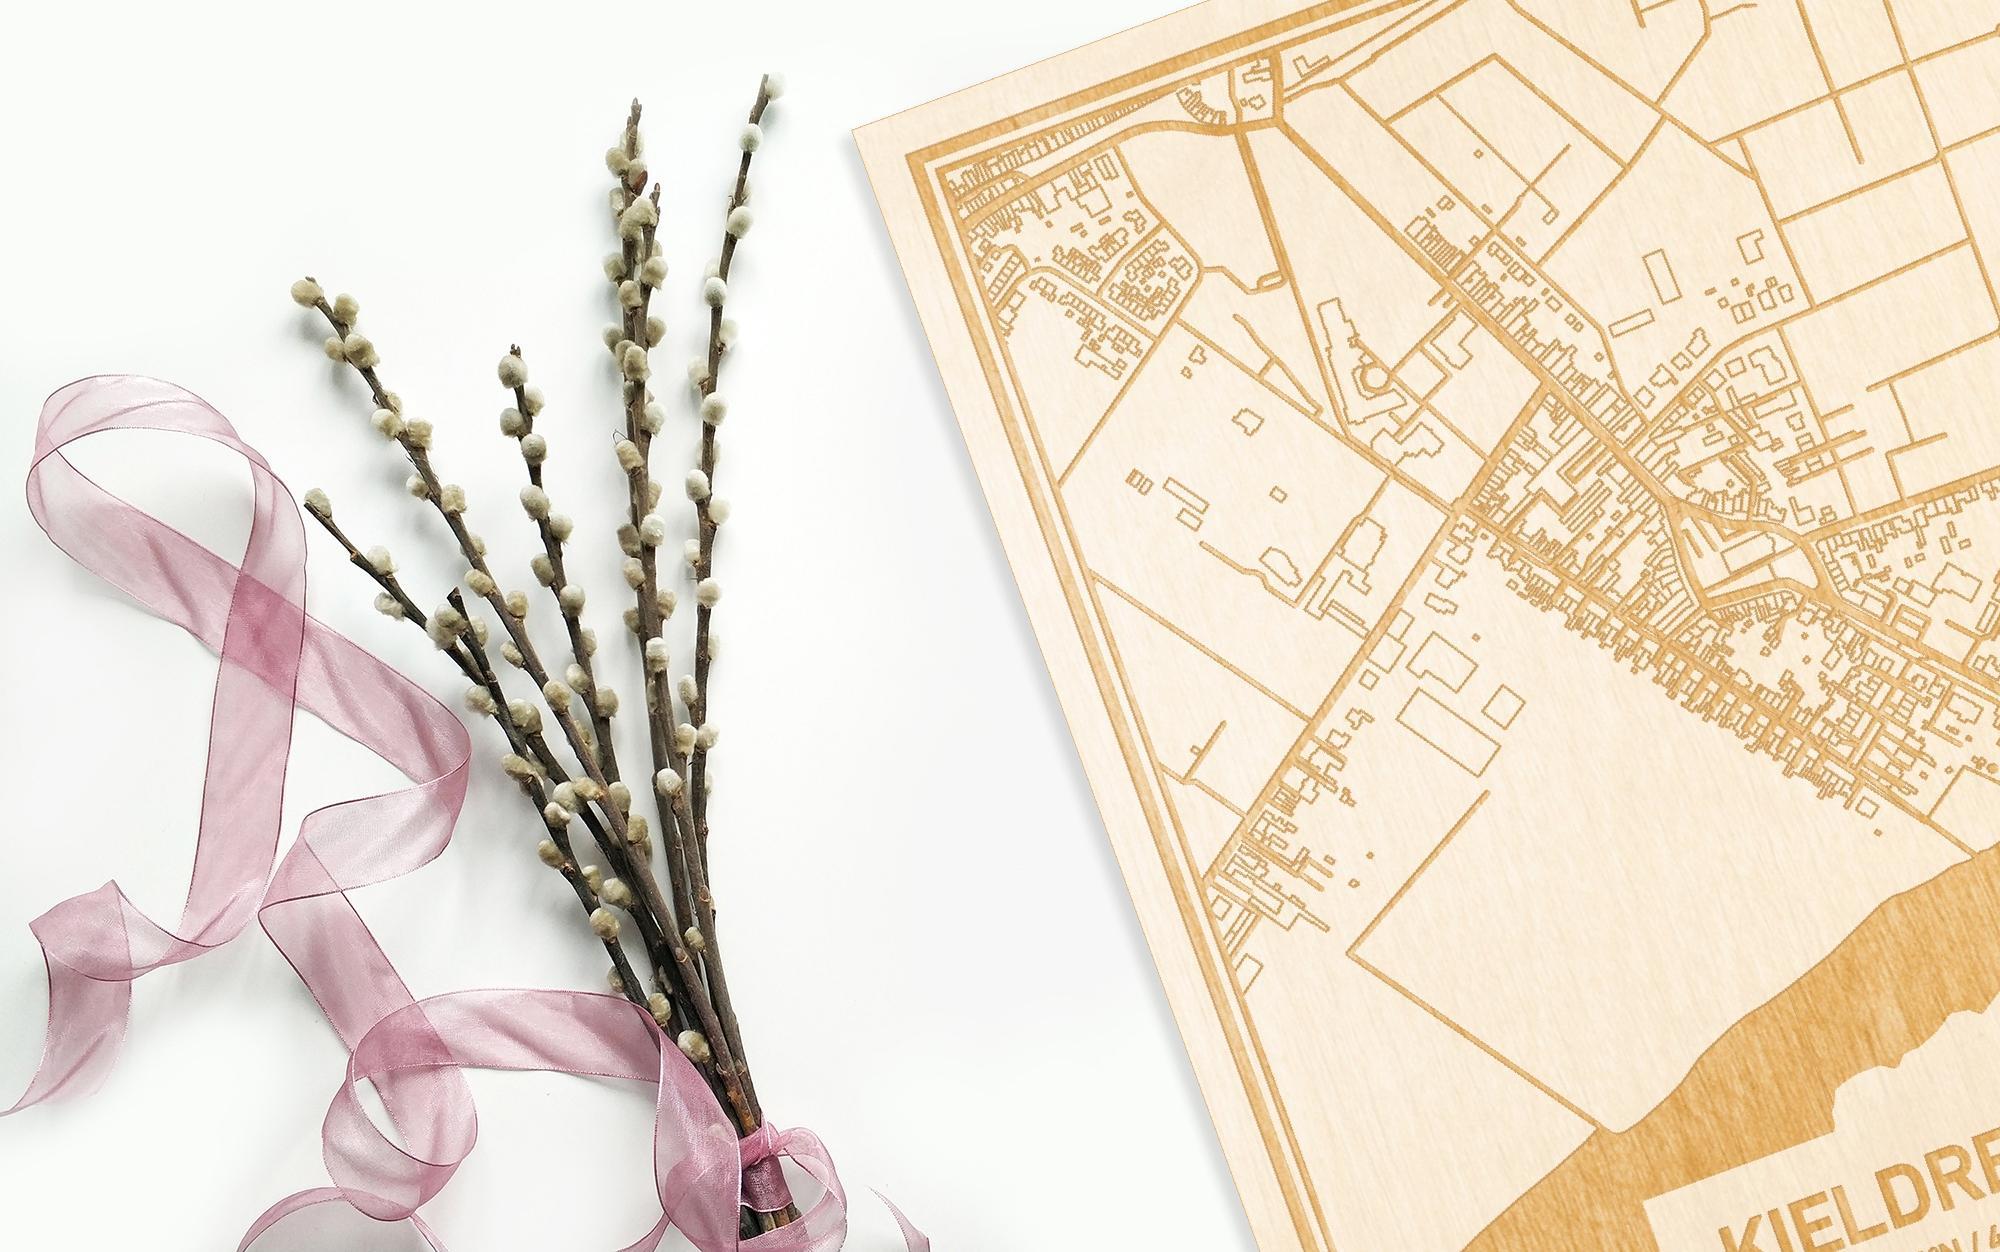 Hier ligt de houten plattegrond Kieldrecht naast een bloemetje als gepersonaliseerd cadeau voor haar.